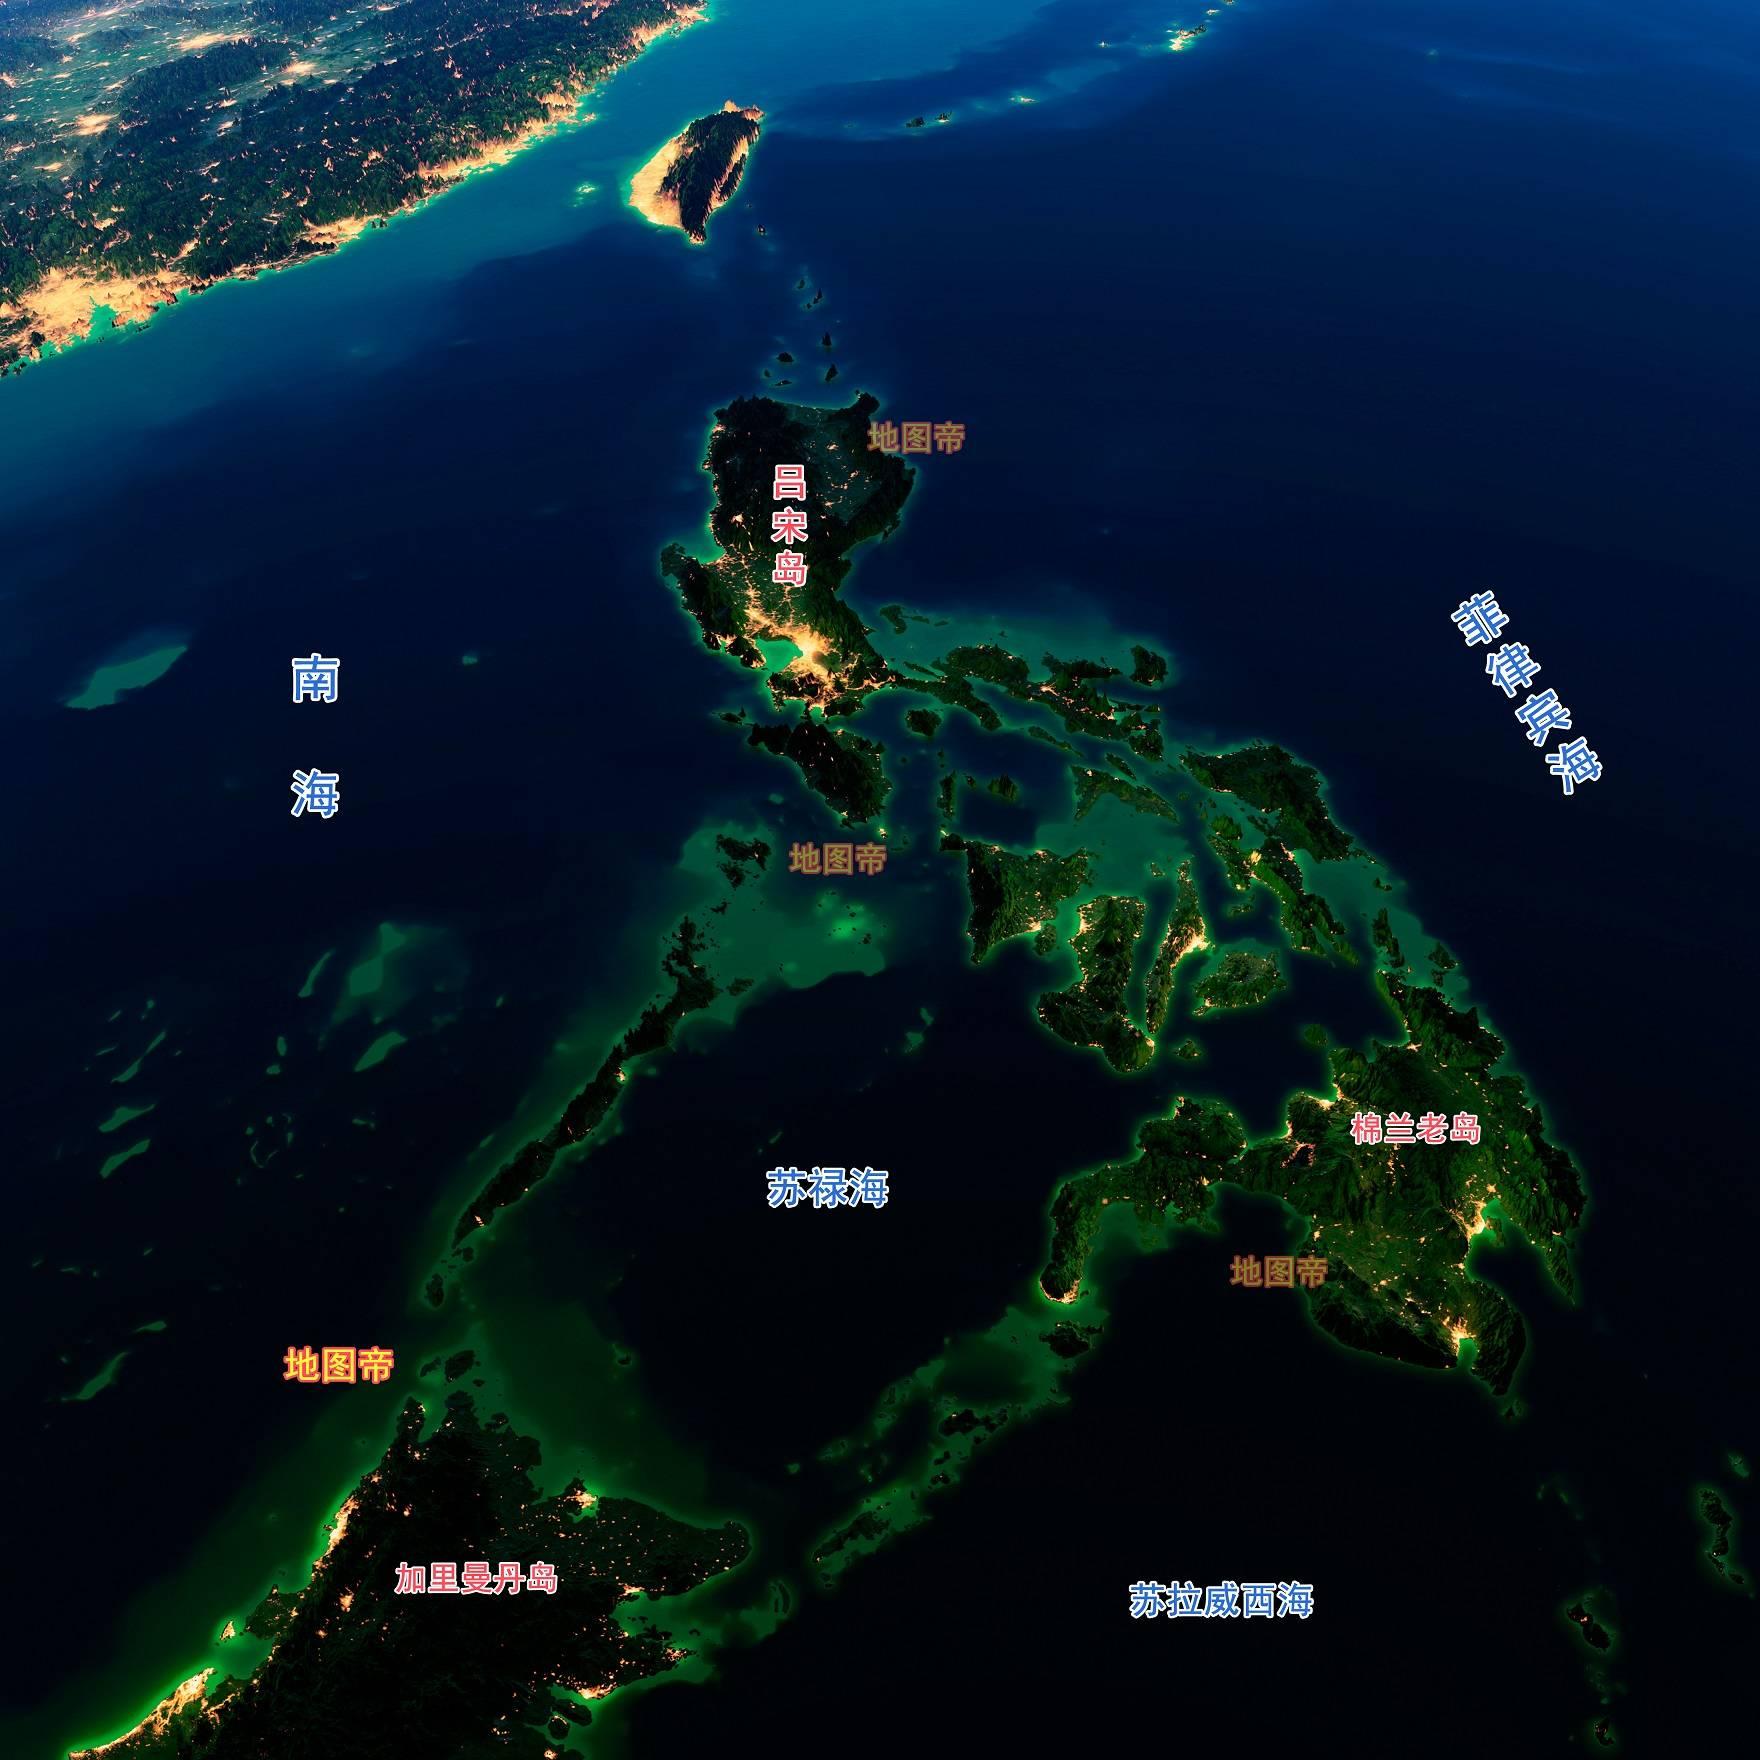 世界第二大岛 世界大学排名